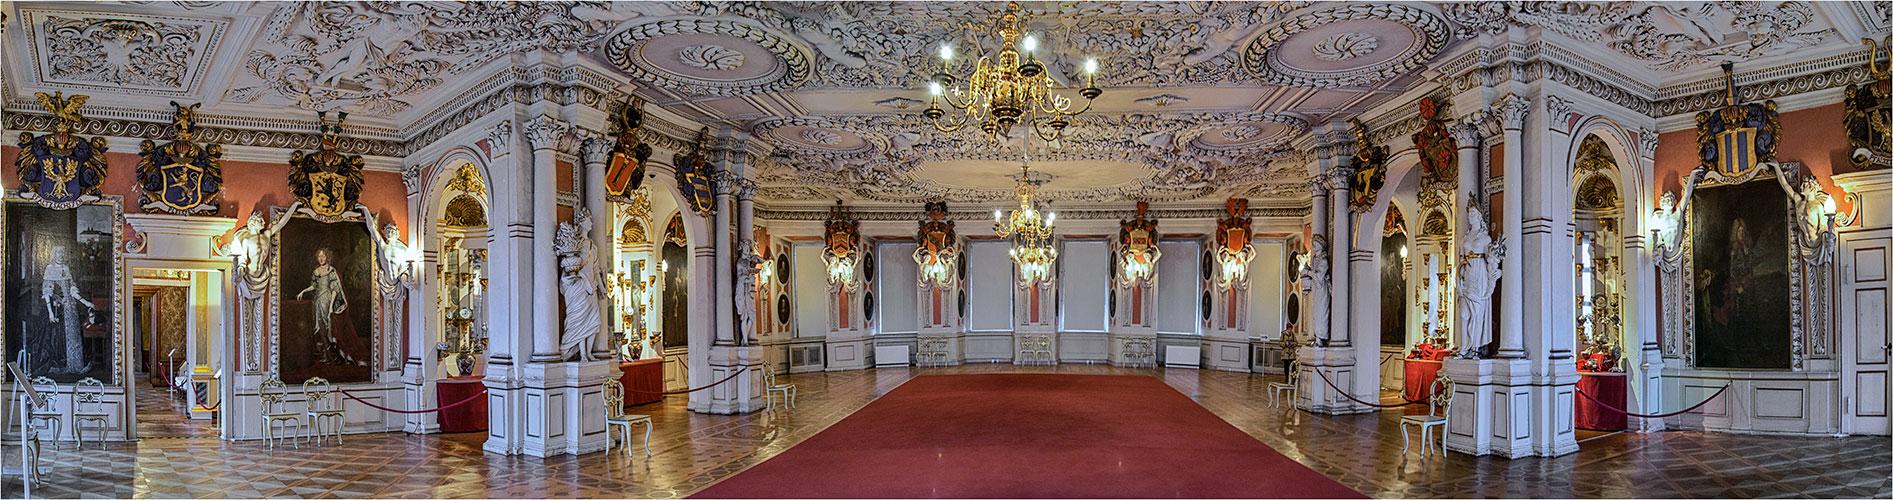 Im Schloß Friedenstein von Gotha